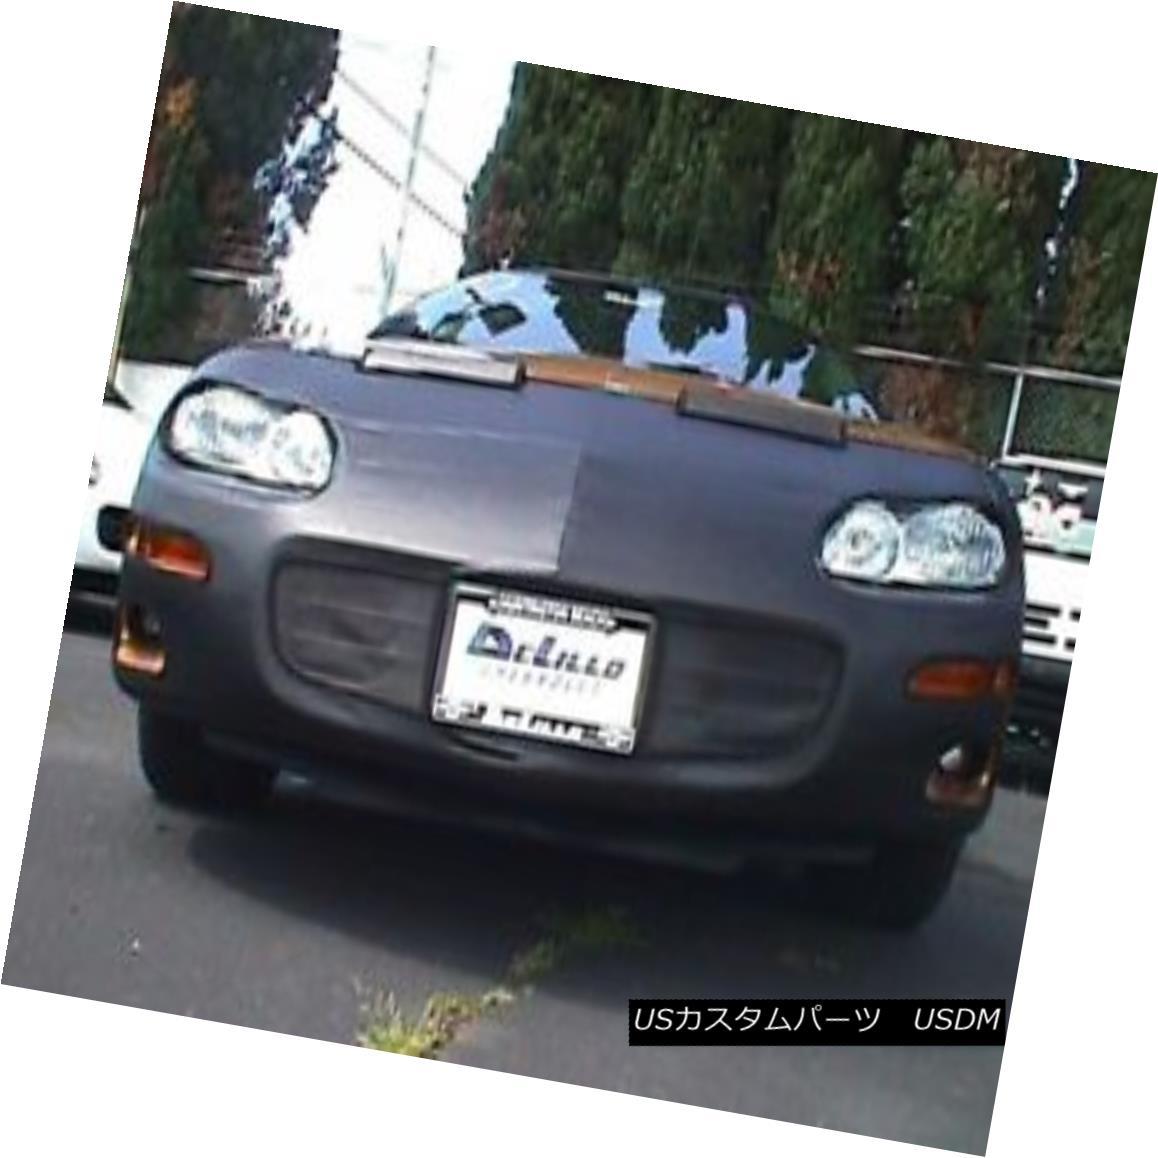 フルブラ ノーズブラ Colgan Front End Mask Bra 2pc. Fits Chevy Camaro W/O Lic.Plate 1998 1999-2001  コルガンフロントエンドマスクブラ2pc Chevy Camaro W / O Lic.Plate 1998に適合1999-2001